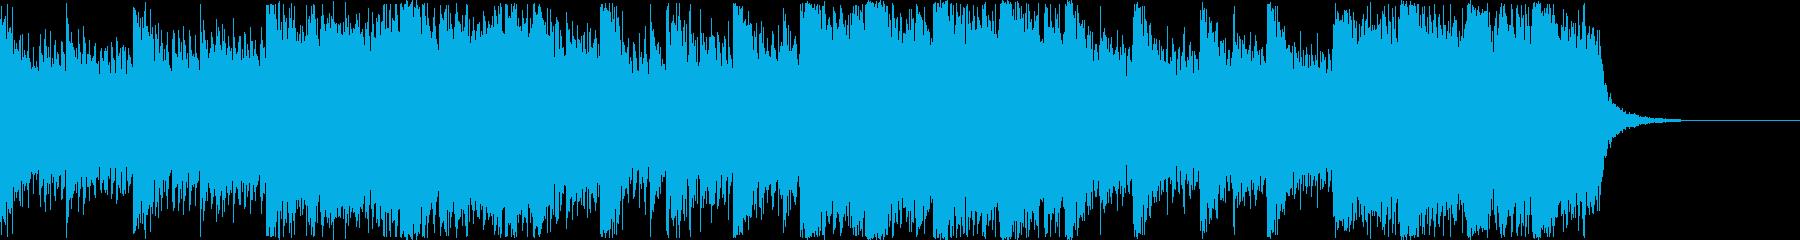 アコースティックセンチメンタル#01−3の再生済みの波形